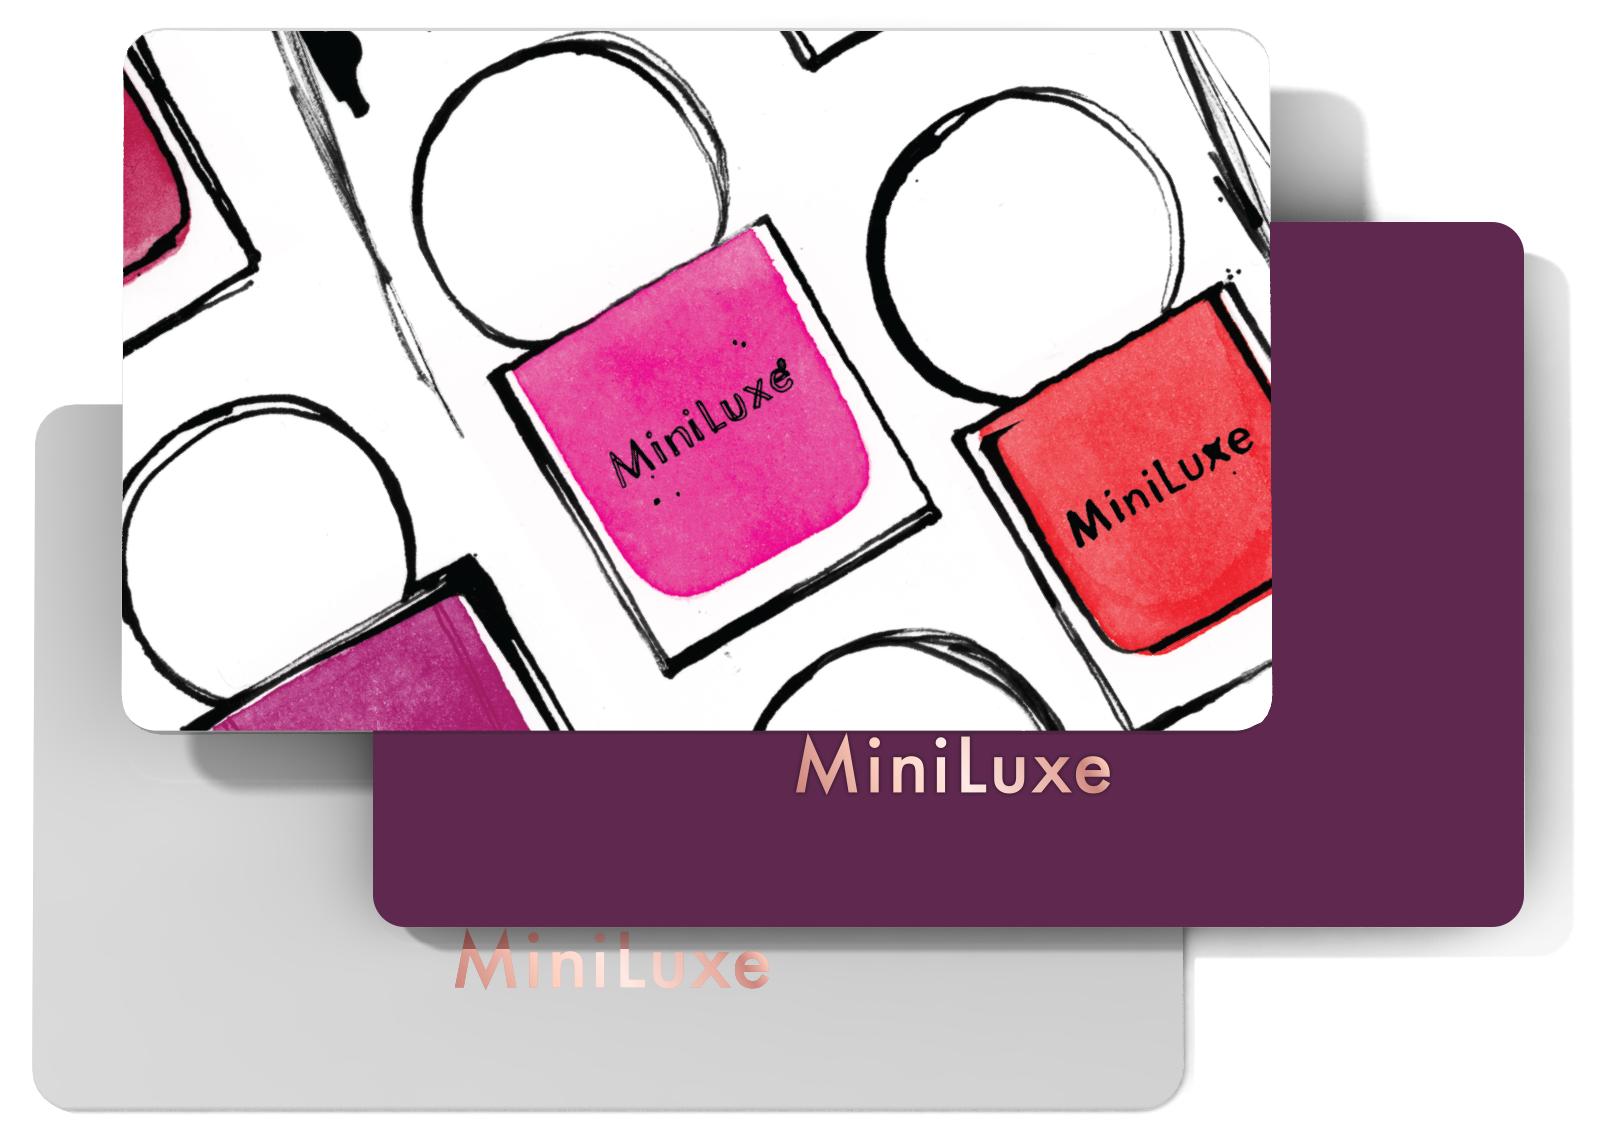 Miniluxe